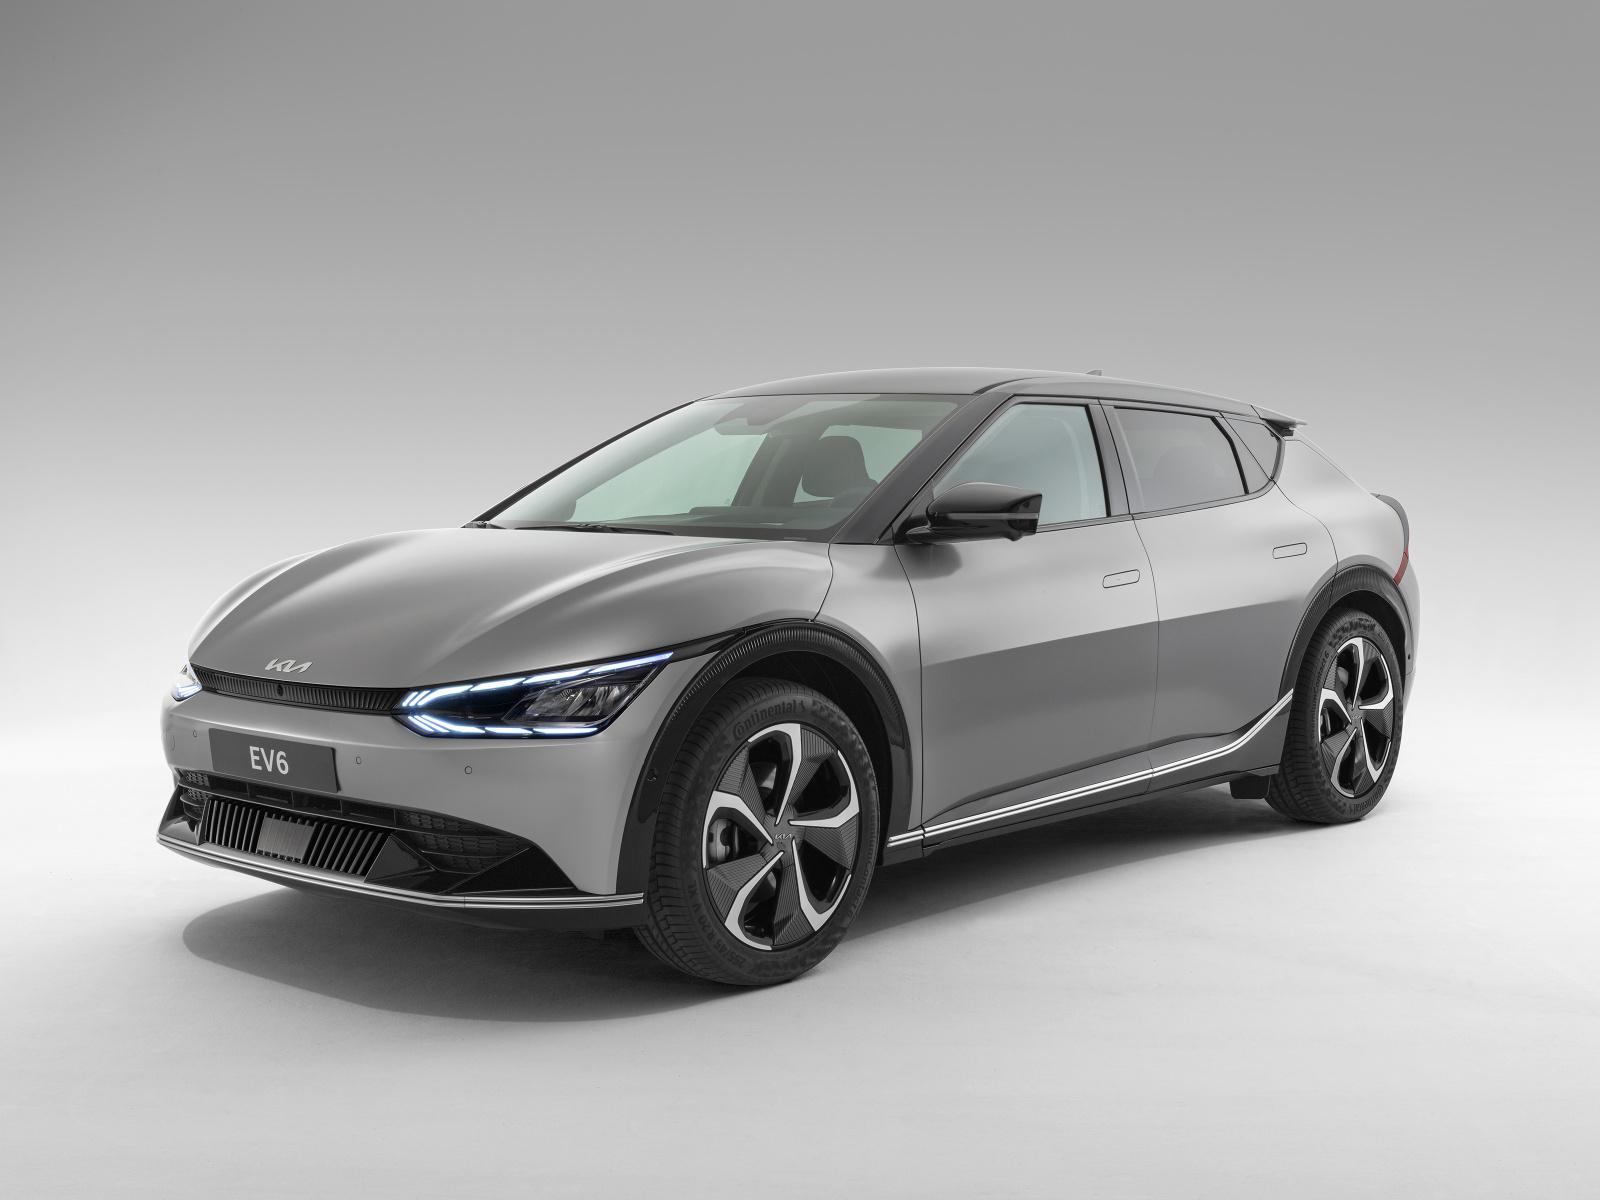 Kia zahajuje předprodej modelu EV6 v České republice